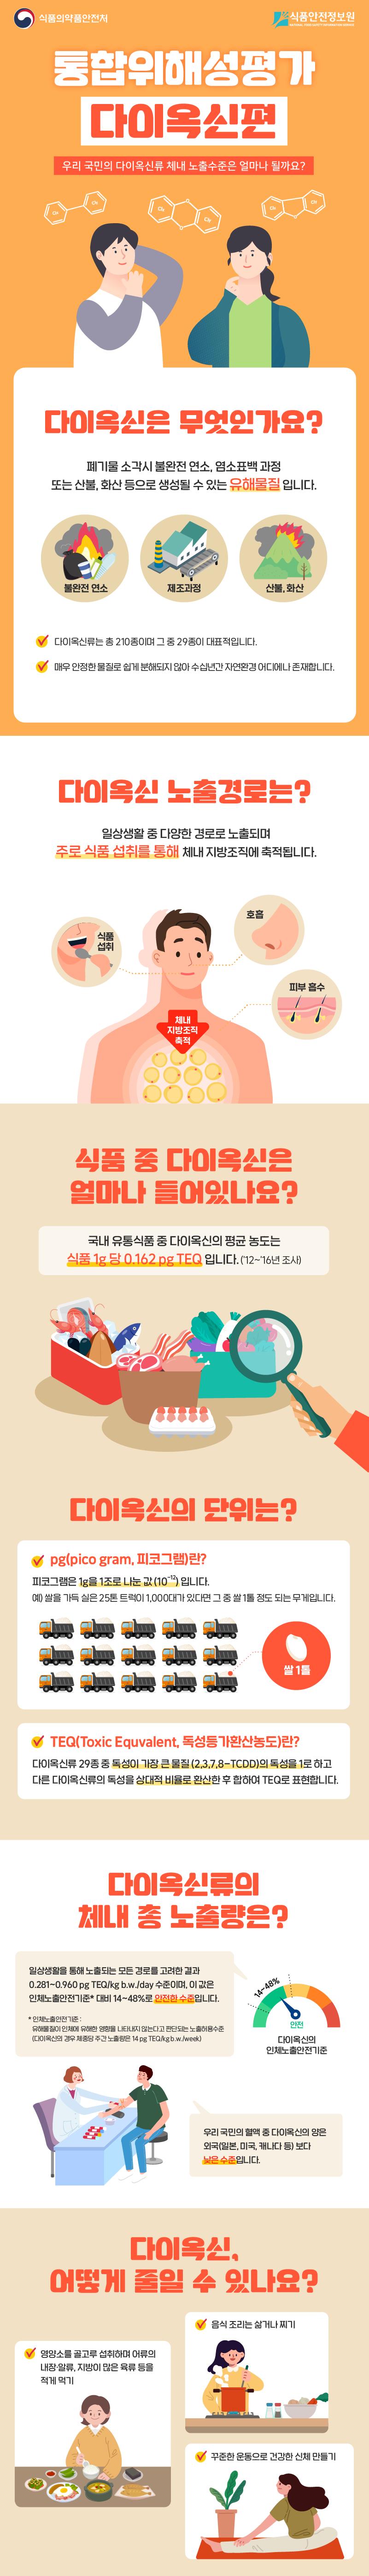 [일반] 2021년 2분기 영양, 위생교육 자료의 첨부이미지 3